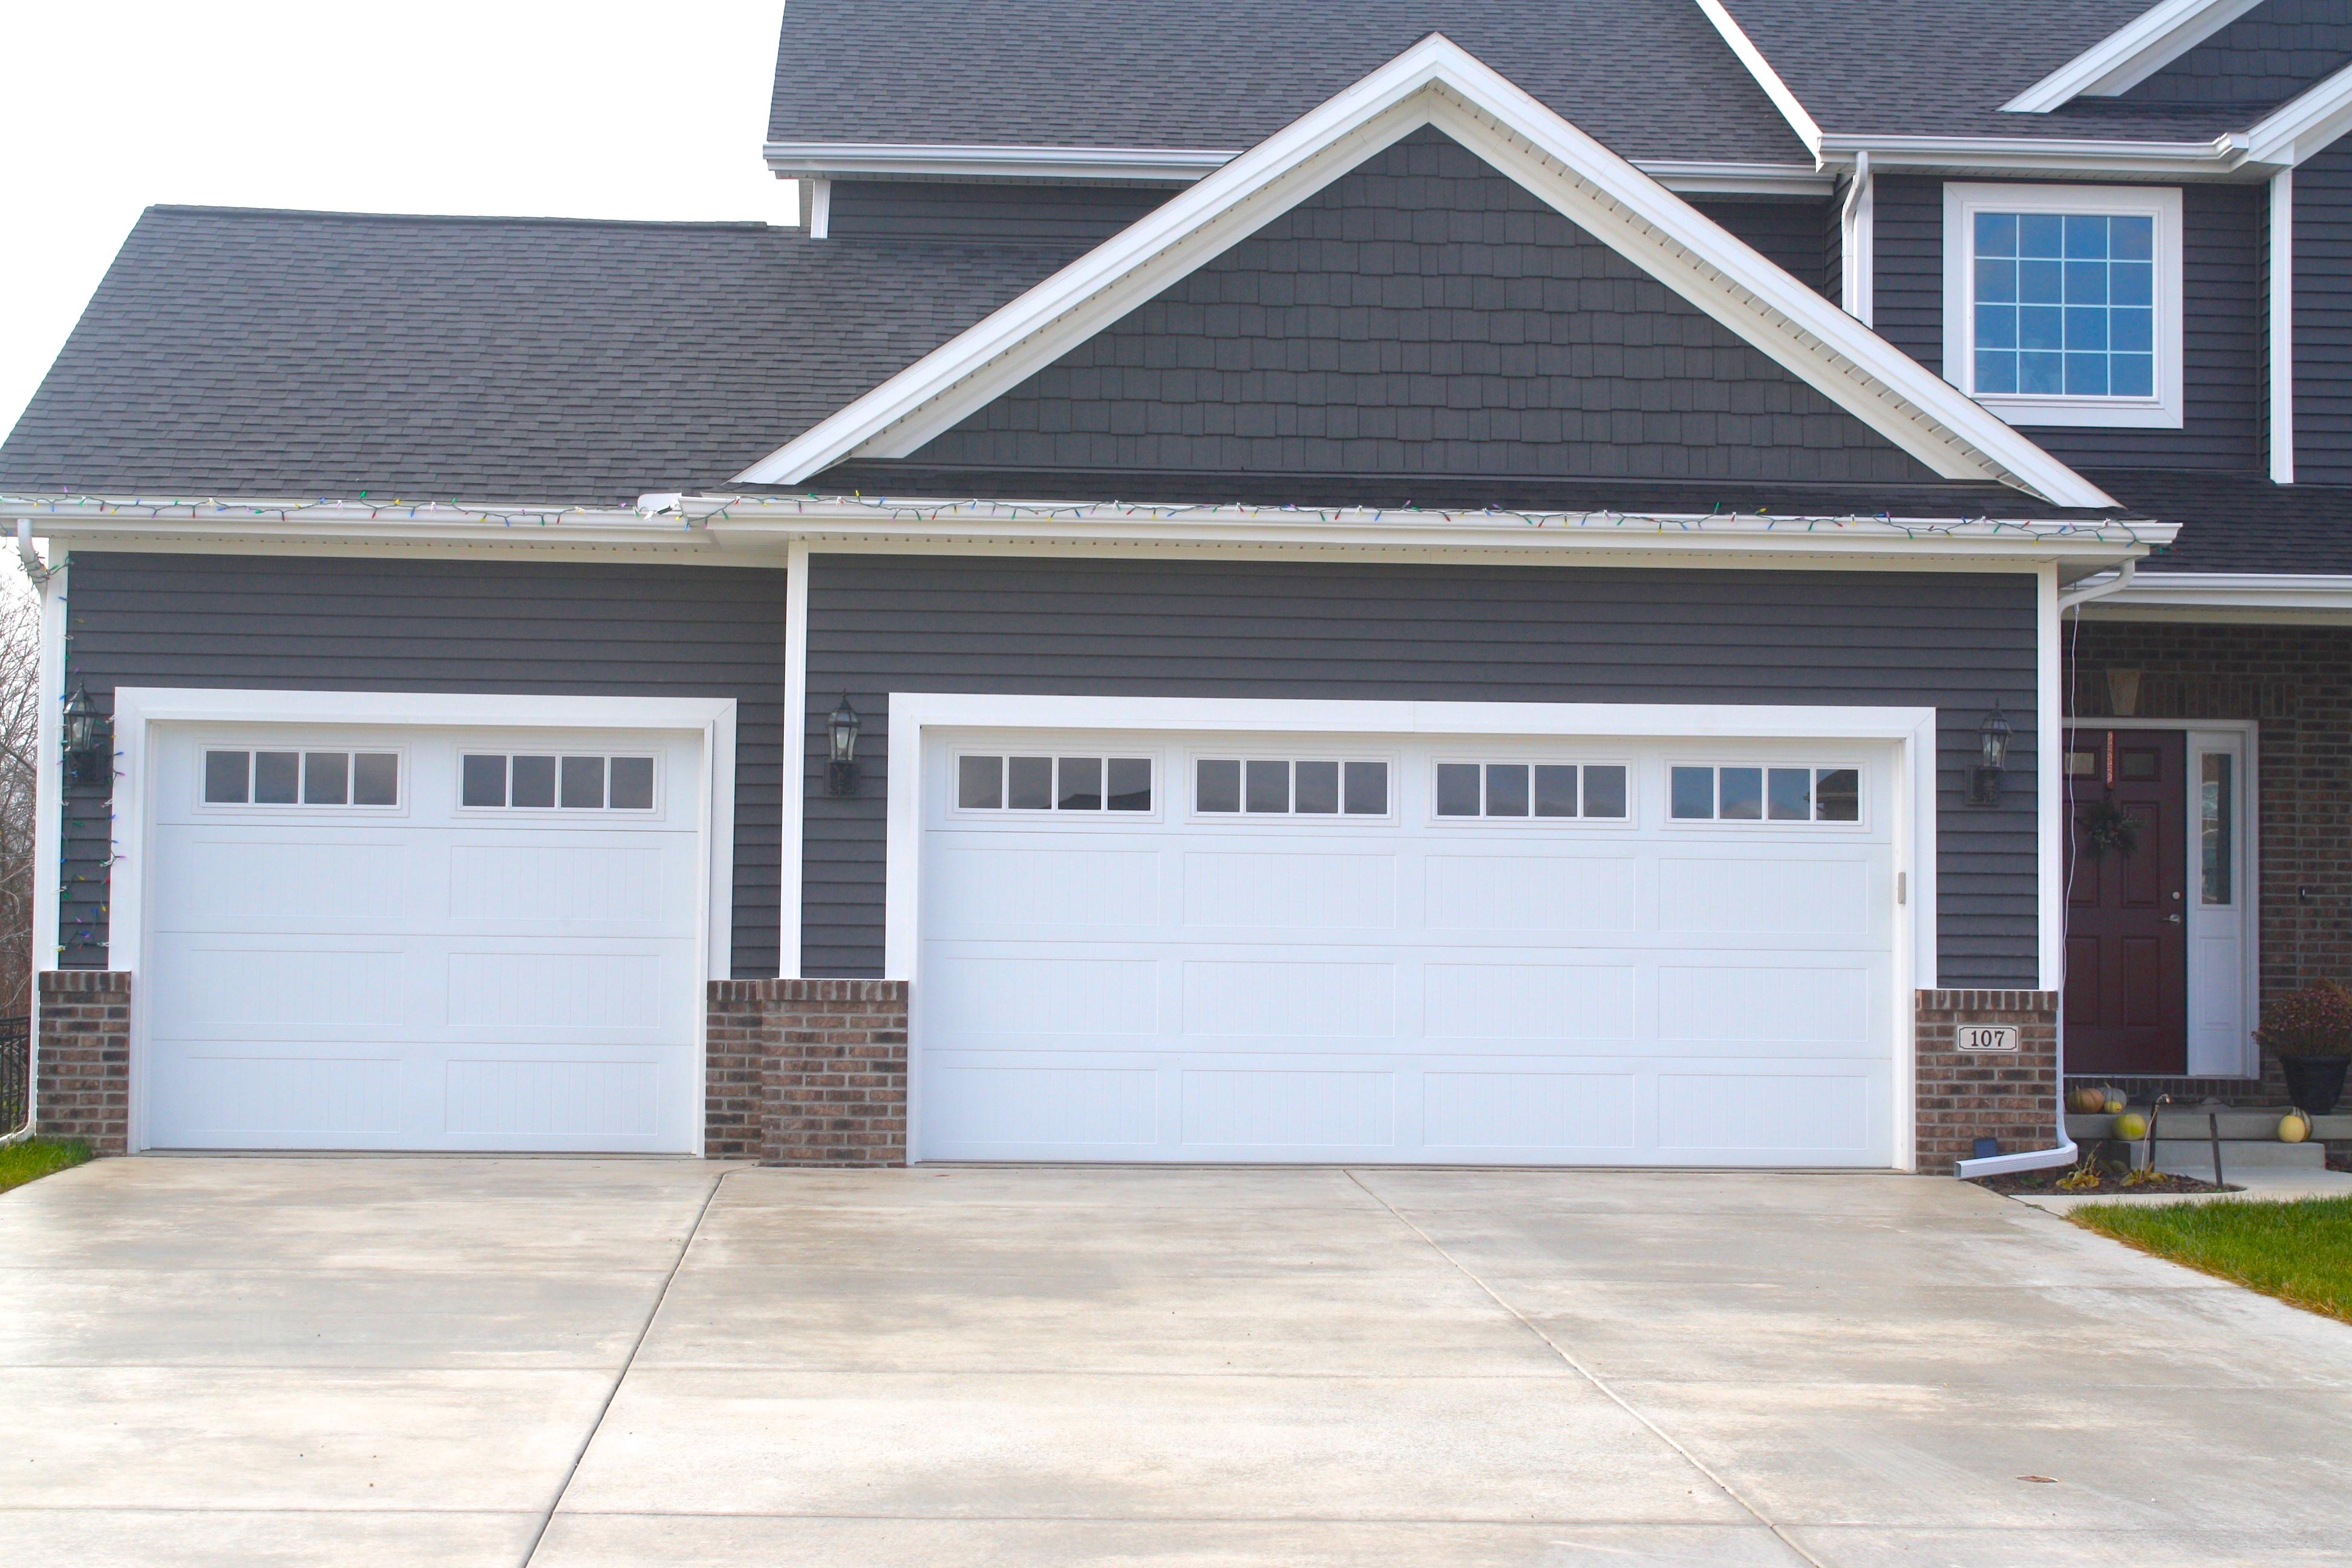 Choosing the Best Garage Door Paint Color For Your Home ... on Choosing Garage Door Paint Colors  id=79013